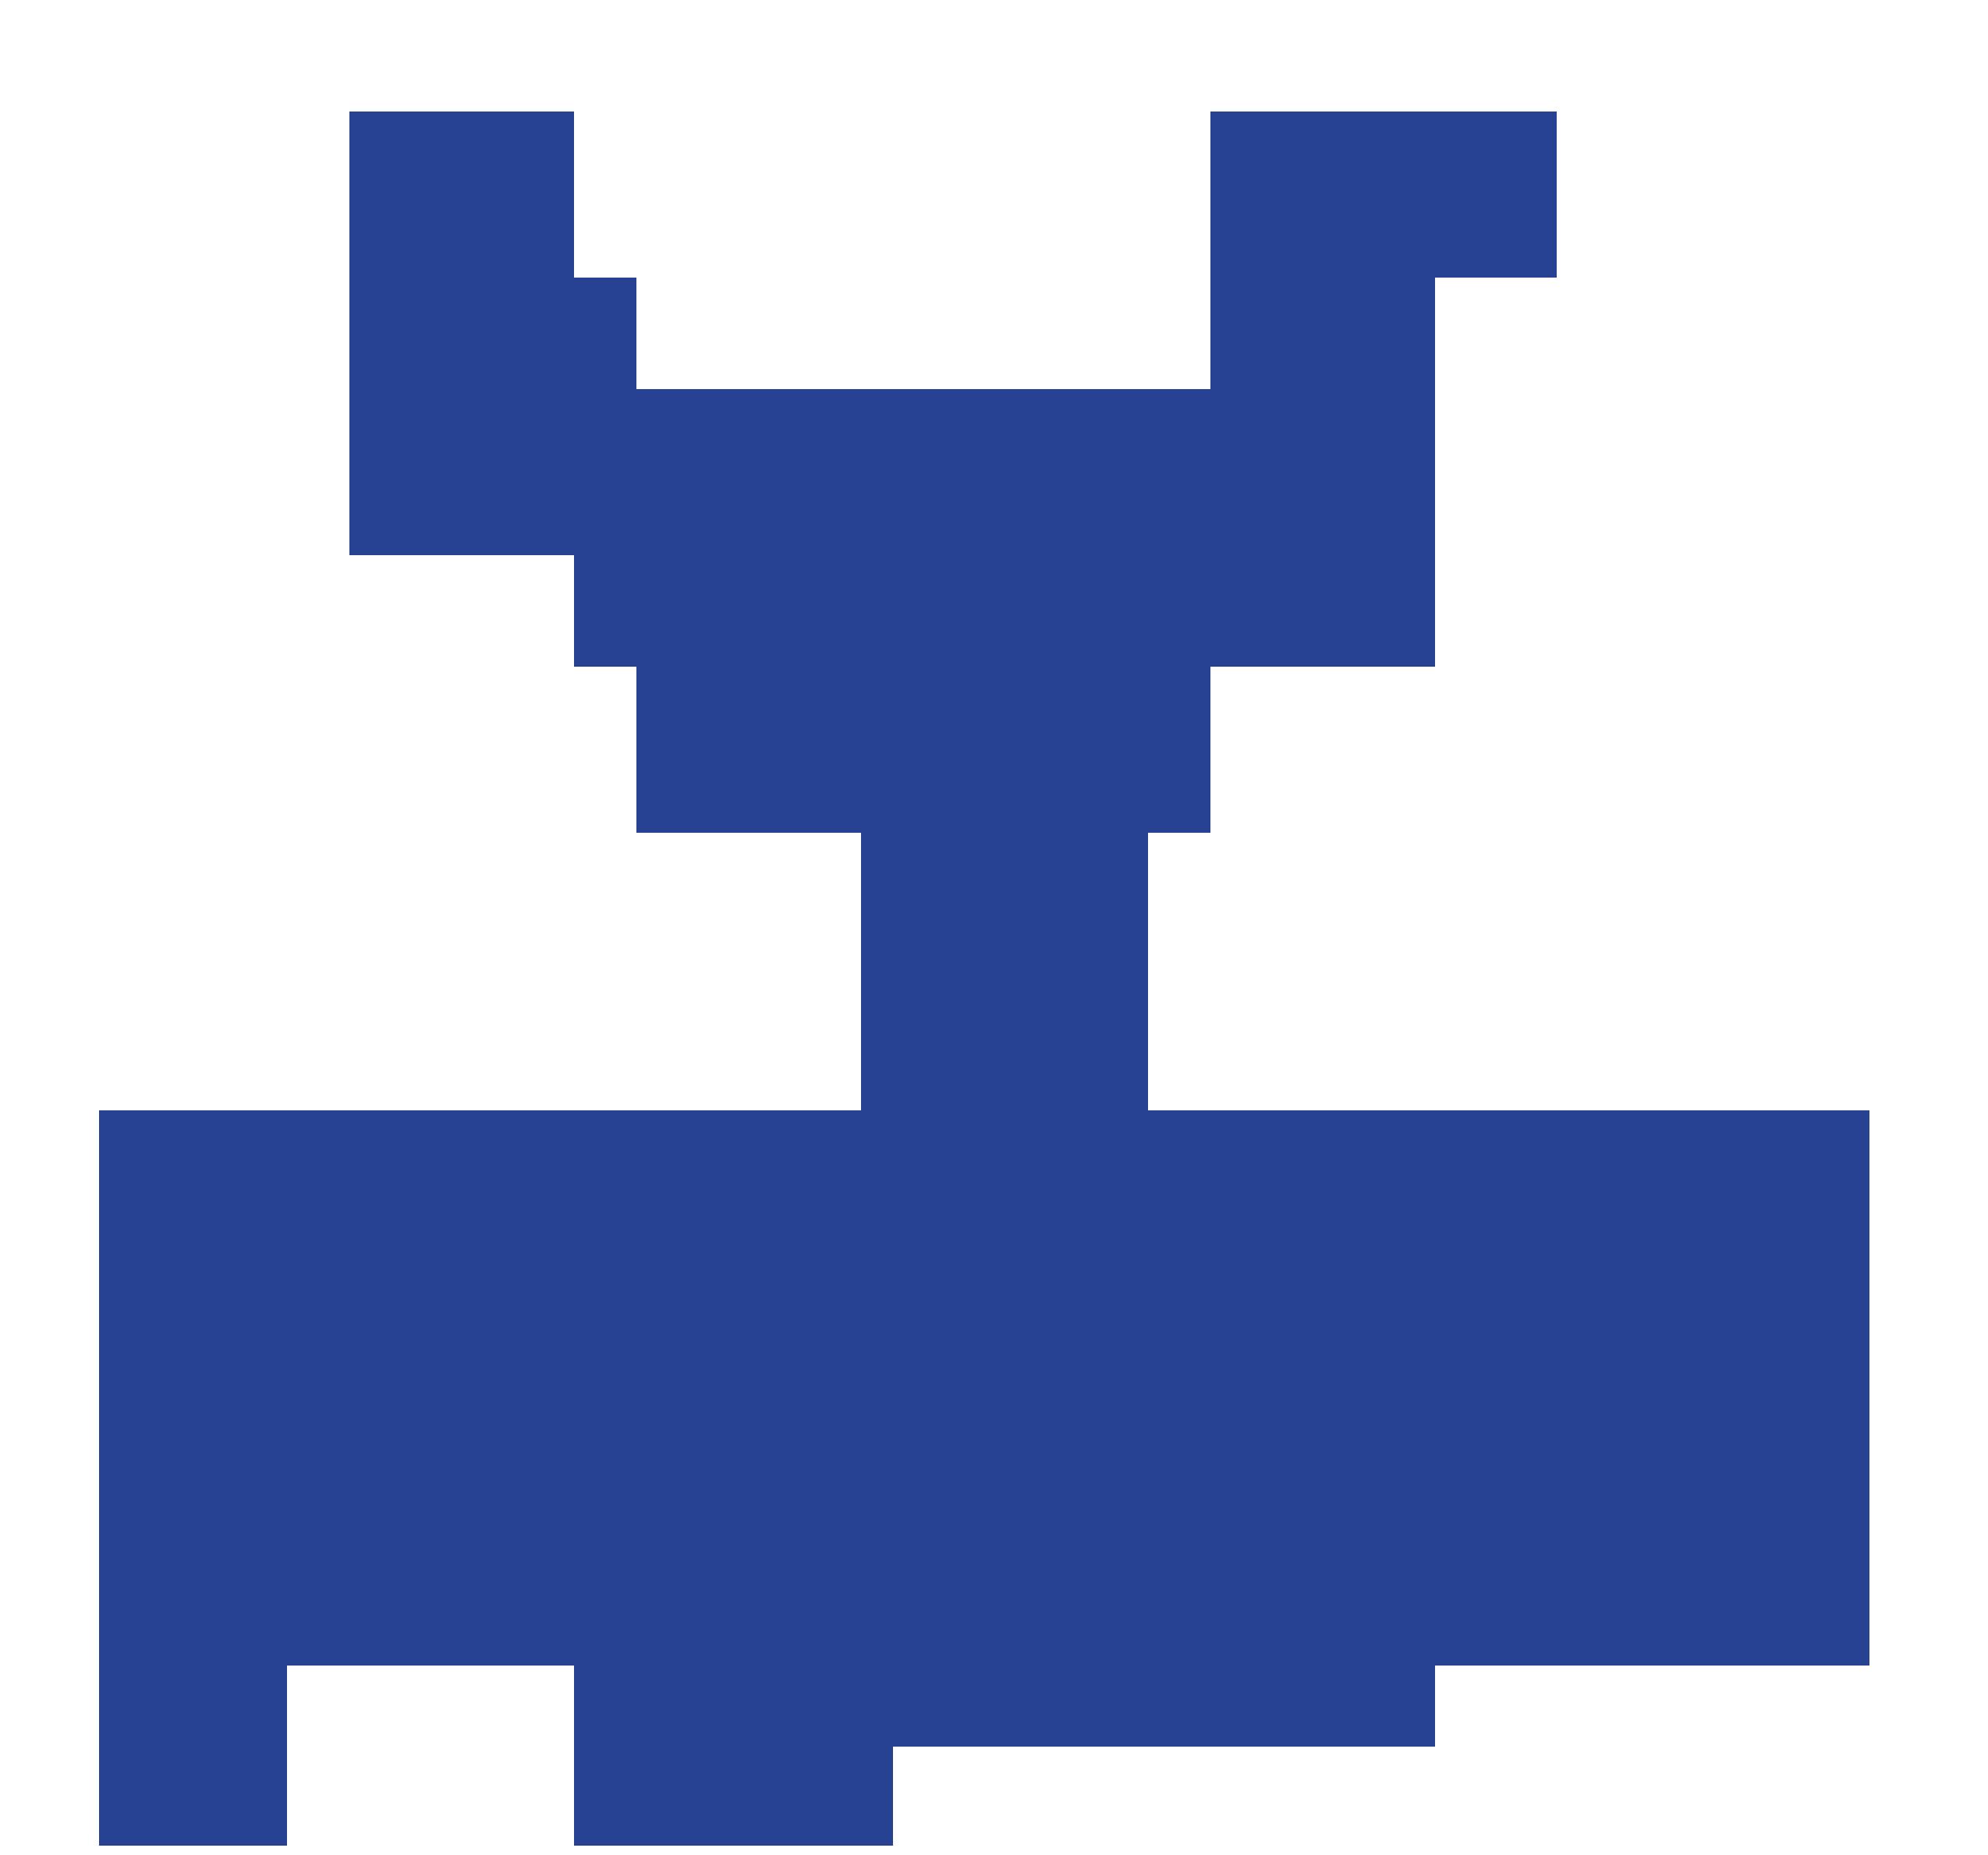 https://www.tourmag.com/docs/emploi/LOGOTANGKA.PNG